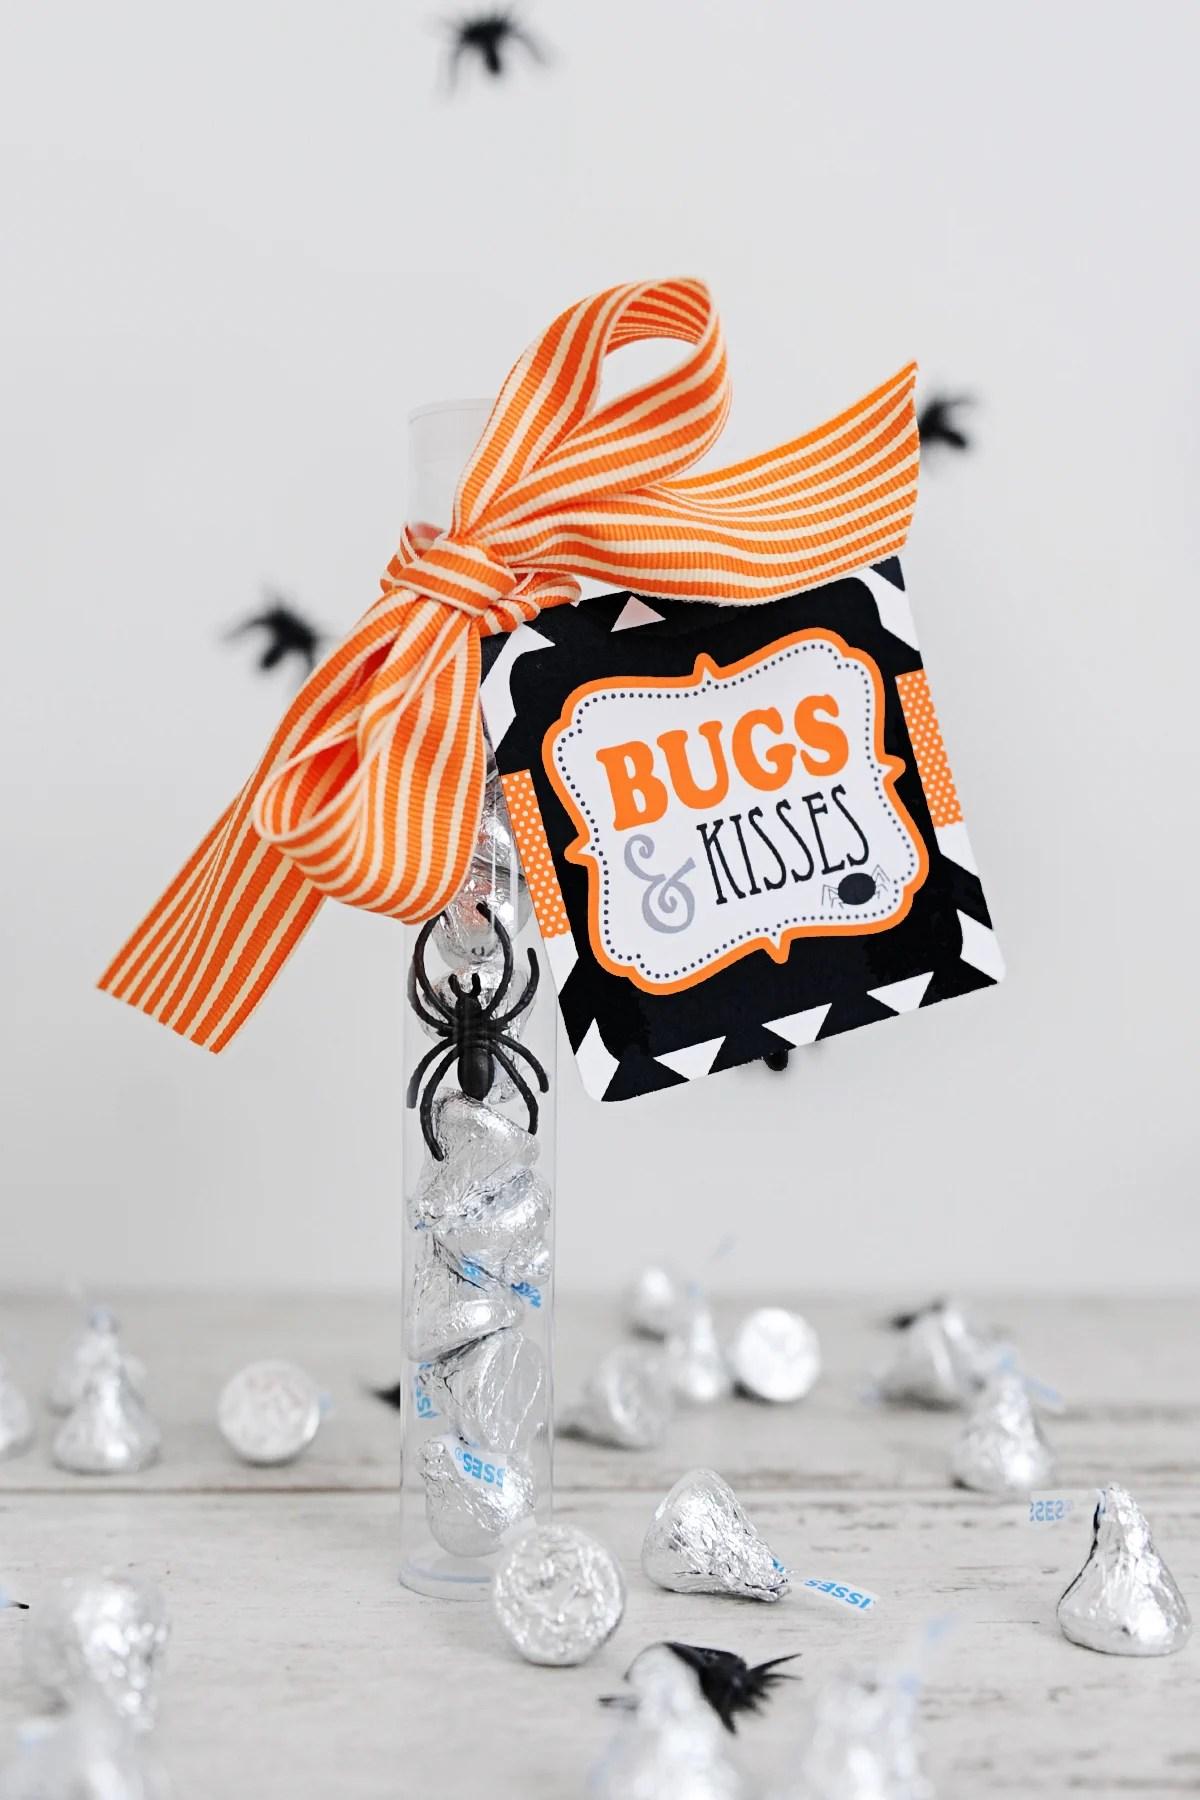 bugs and kisses printable